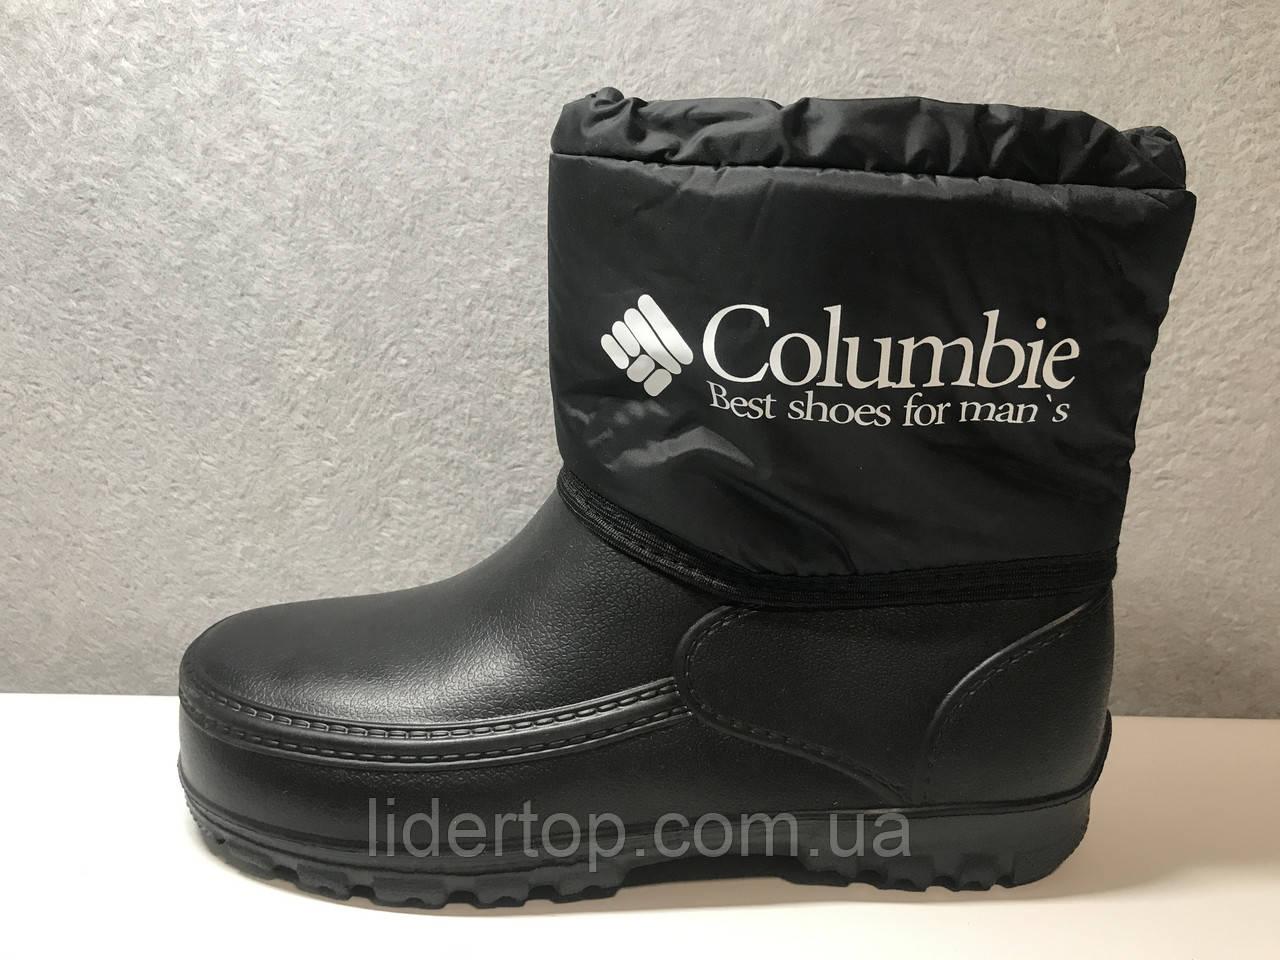 Зимние Мужские Сапоги Ботинки ЭВА Columbie  43-46 р